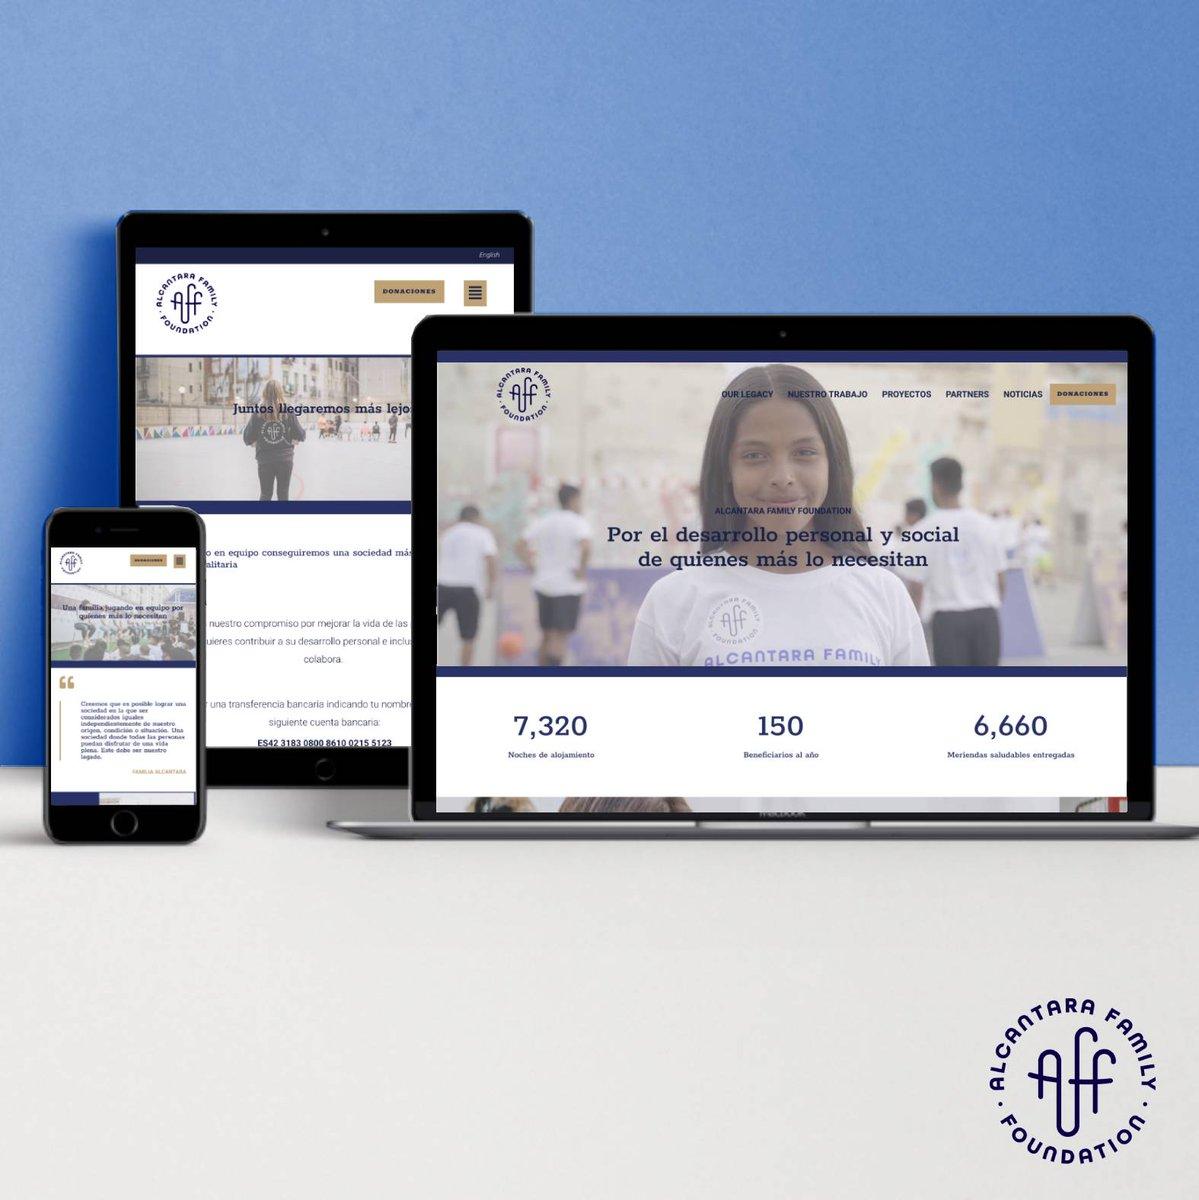 Hoy no puede ser #BlueMonday, ¡porque hoy lanzamos nuestra nueva #web! 👉  👈 Con esta nueva versión, esperamos poder mostraros la actualidad y a la esencia de nuestros proyectos, porque día a día, seguimos creciendo ⬆️ #WeAreATeam